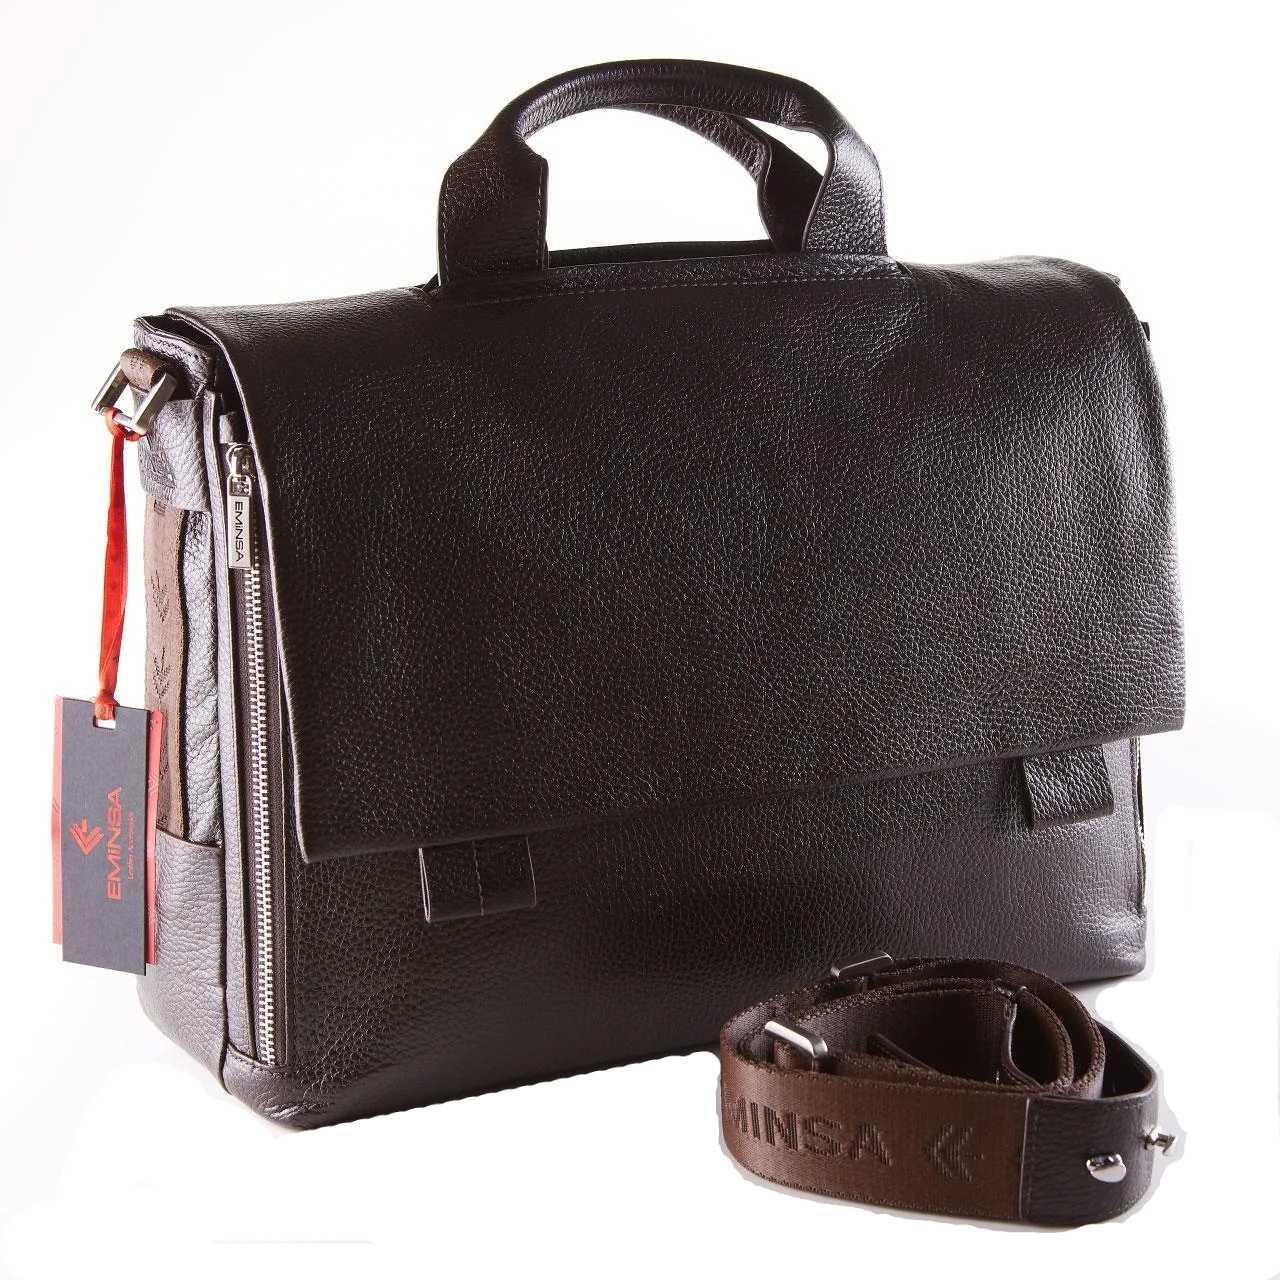 Мужской портфель из мягкой кожи Eminsa 7101-37-3 темно-коричневый